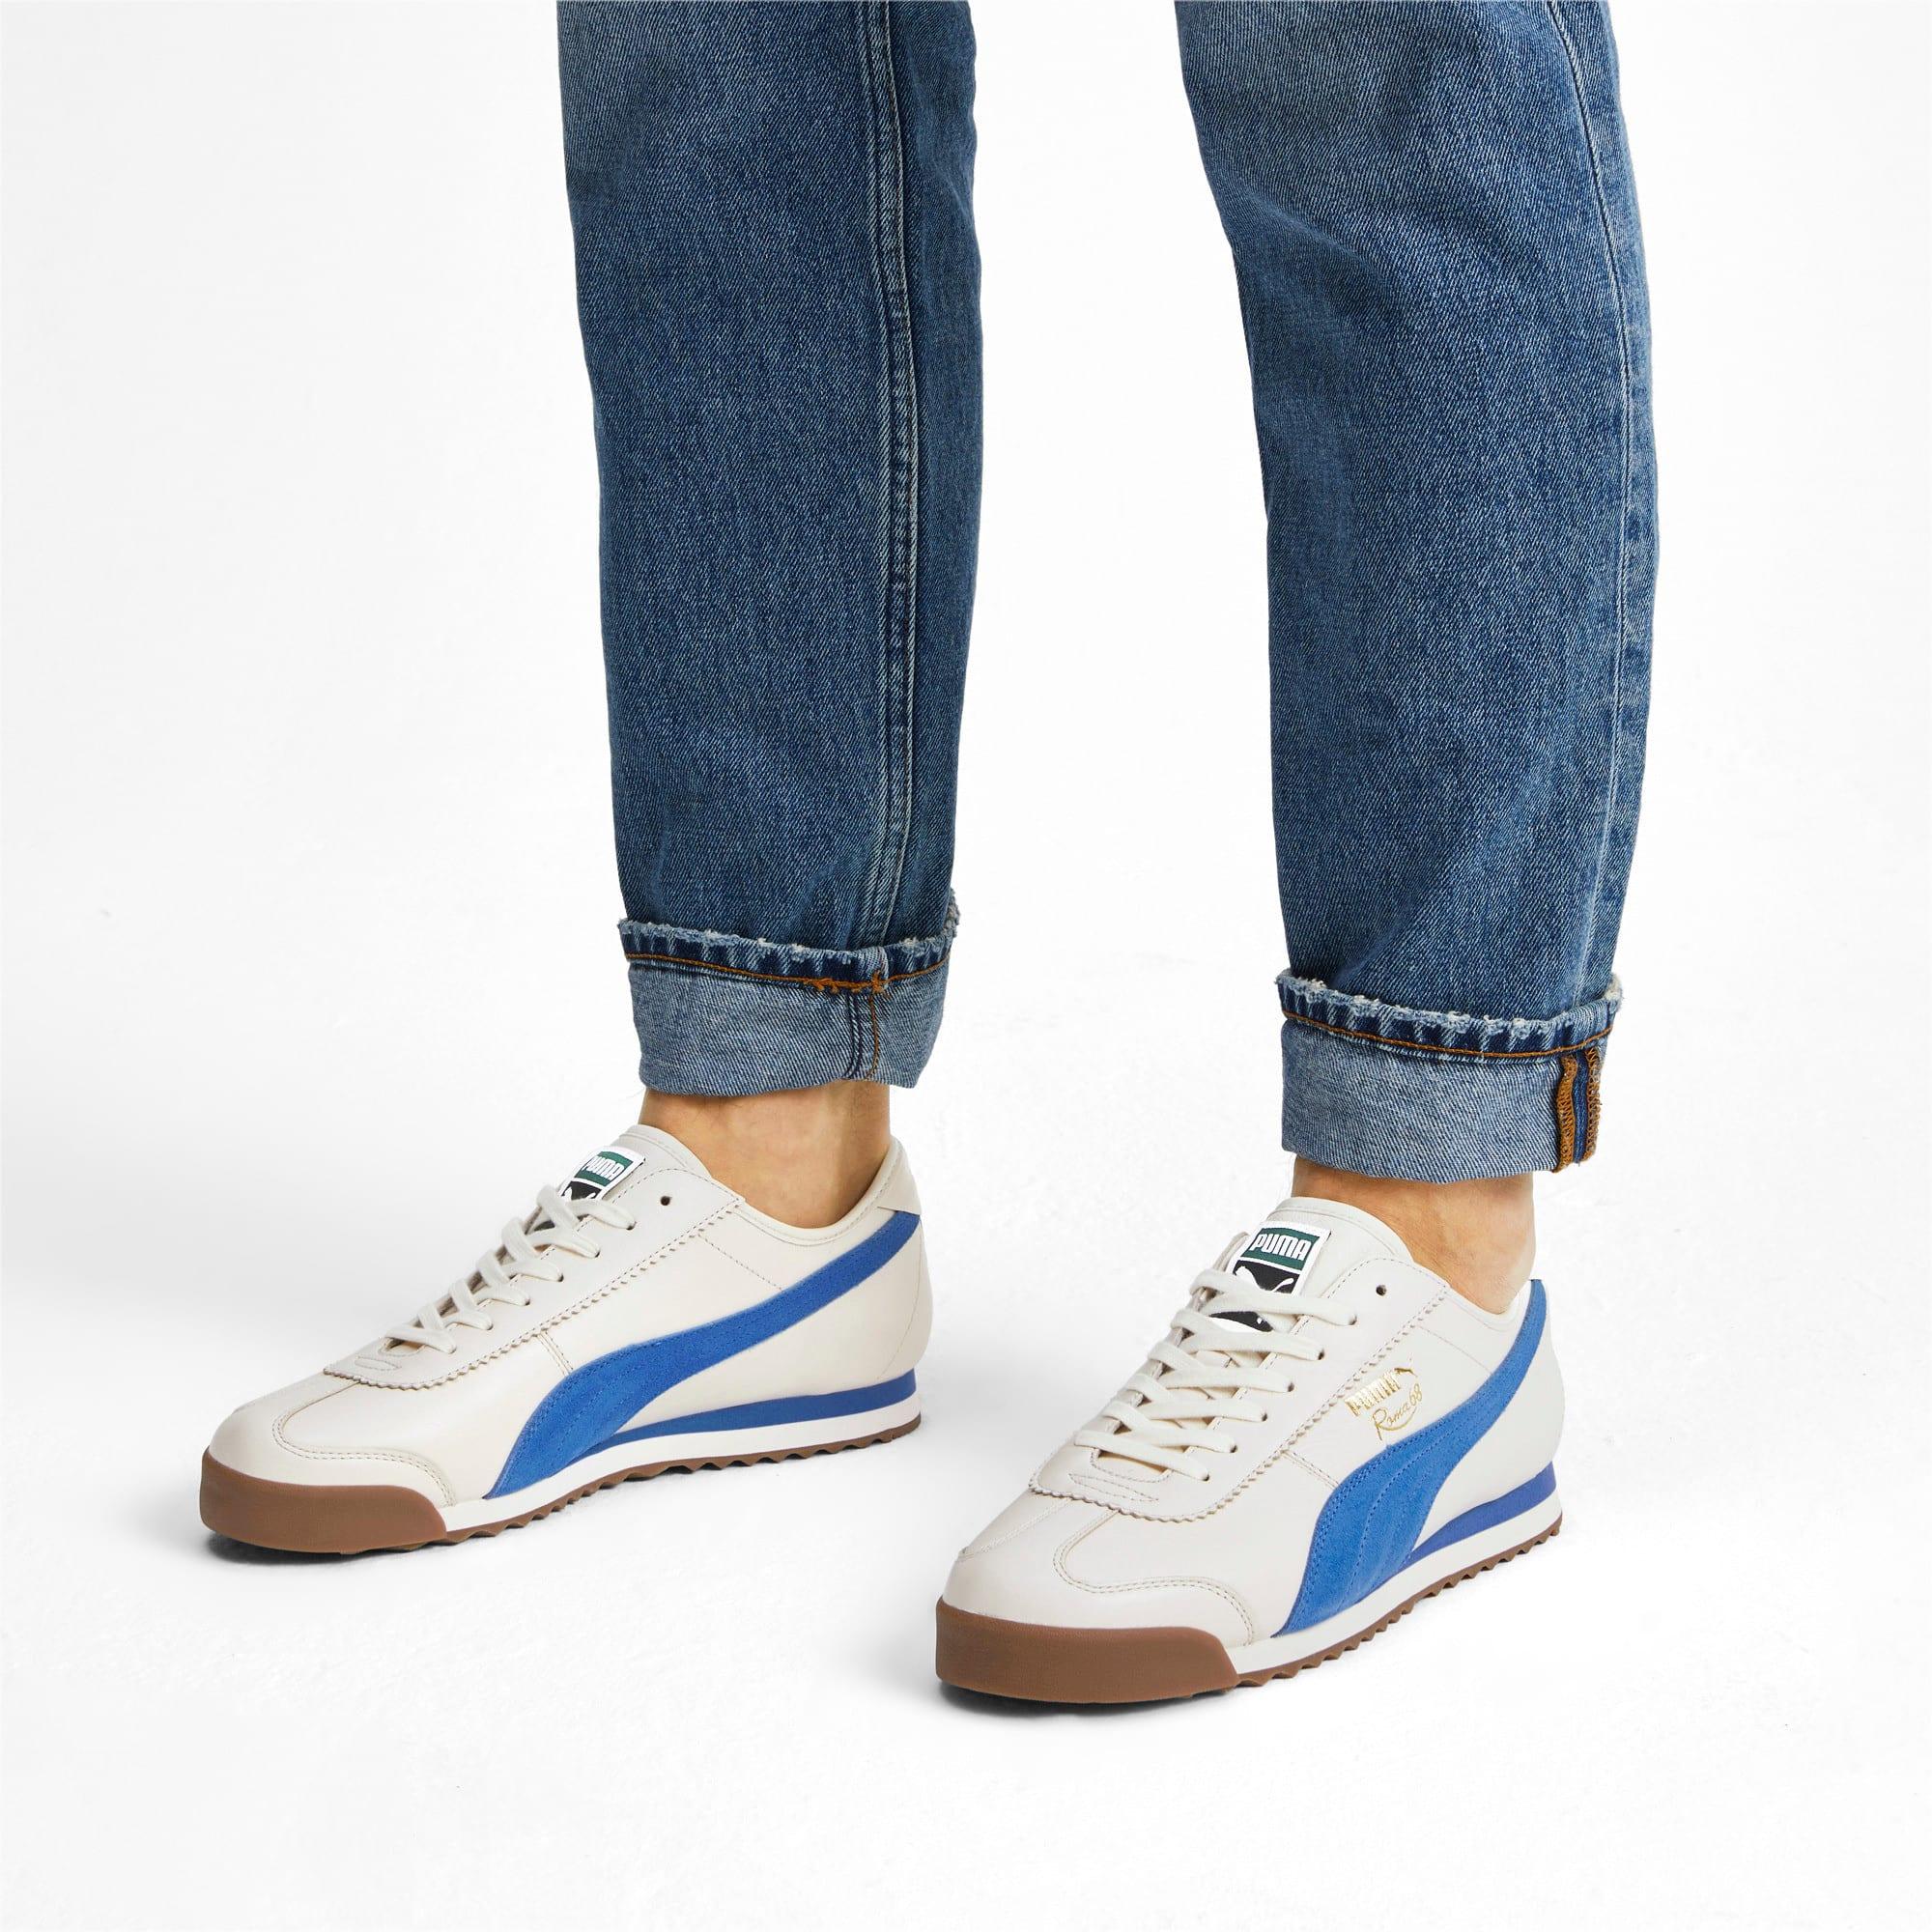 Miniatura 2 de Zapatos deportivosRoma '68 OG, Whisper White-Blue Yonder, mediano